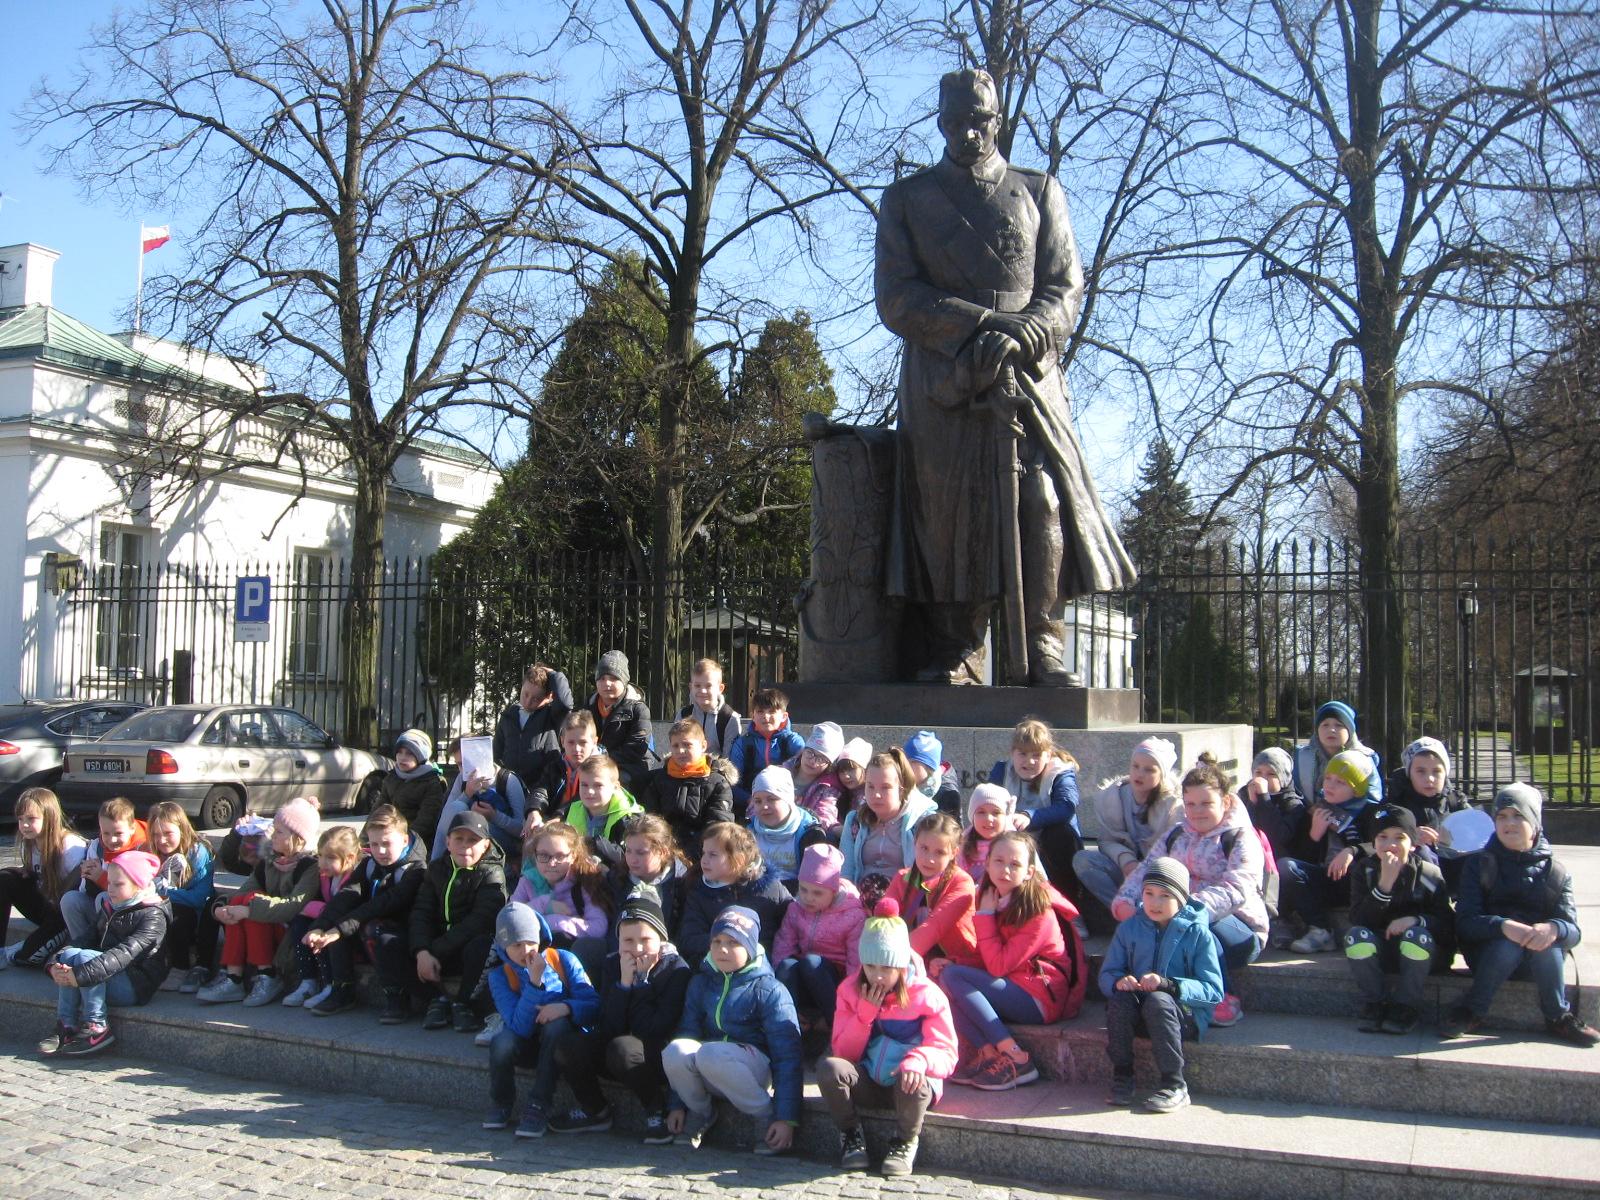 Wspólne zdjęcie przed pomnikiem Józefa Piłsudskiego.